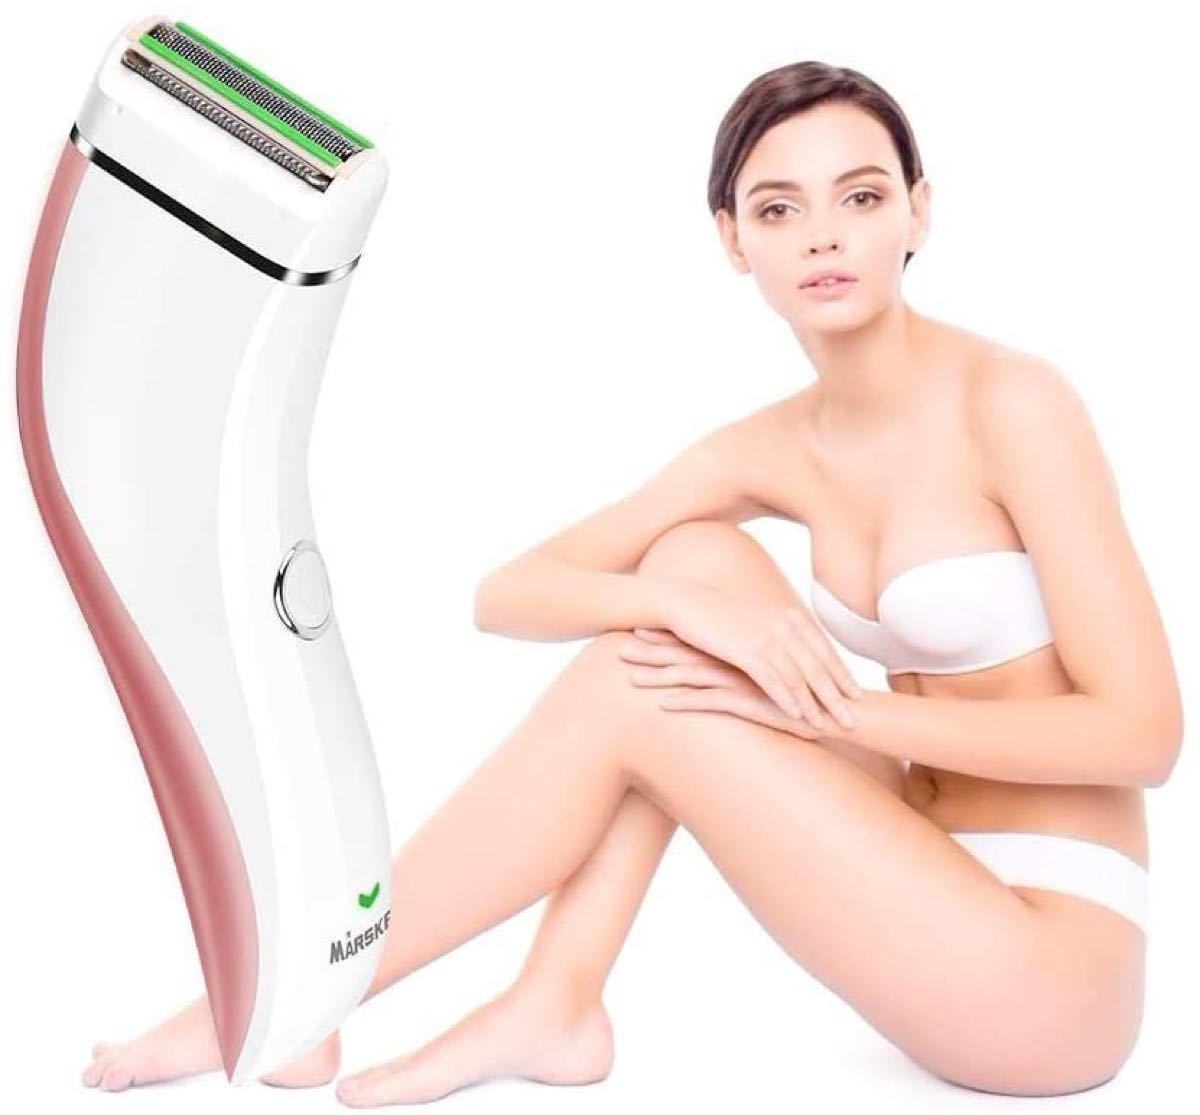 レディースシェーバー 女性用シェーバー 電動 シェーバー 女性 顔剃り